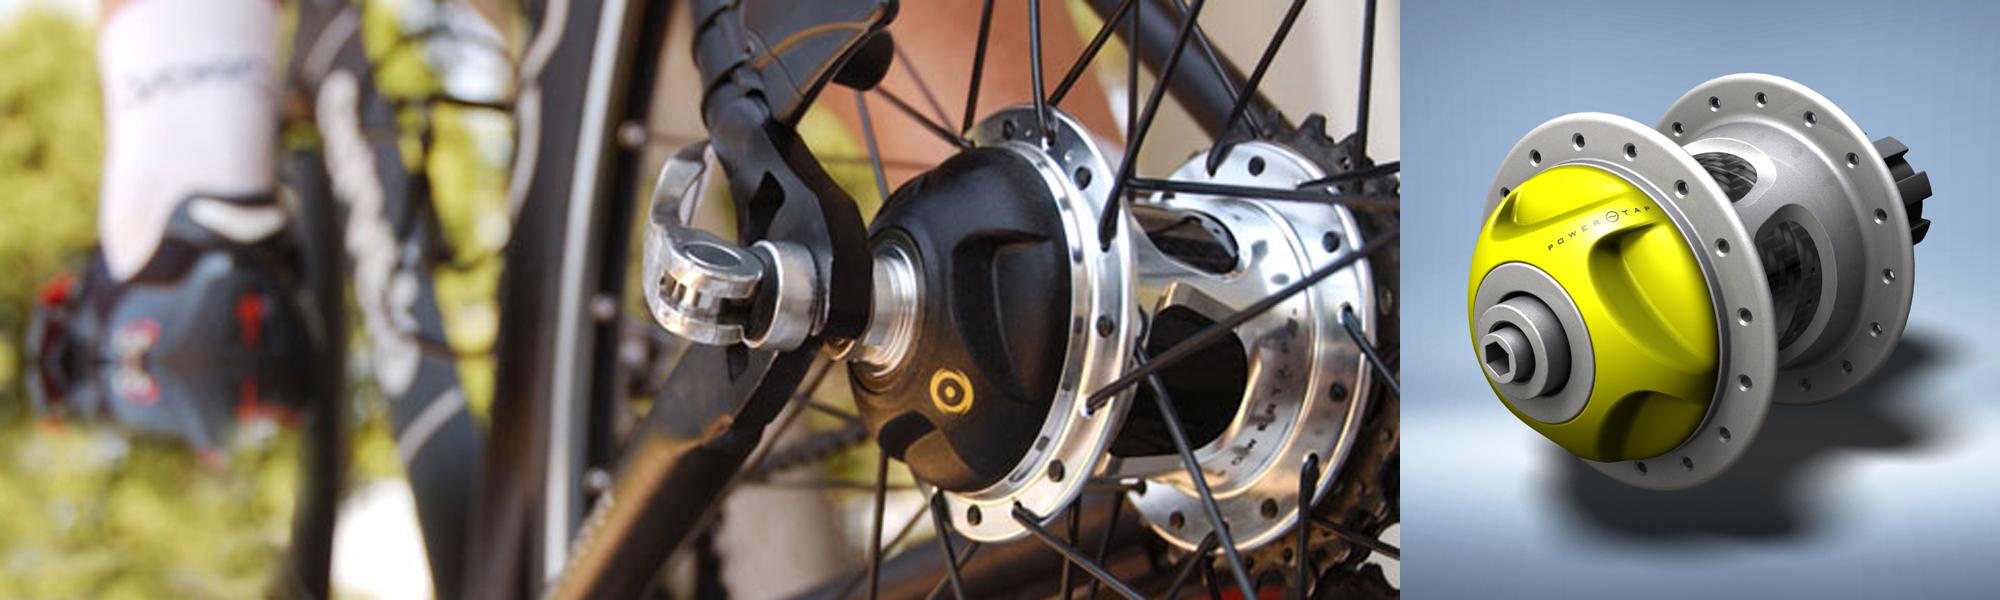 CycleOps hub